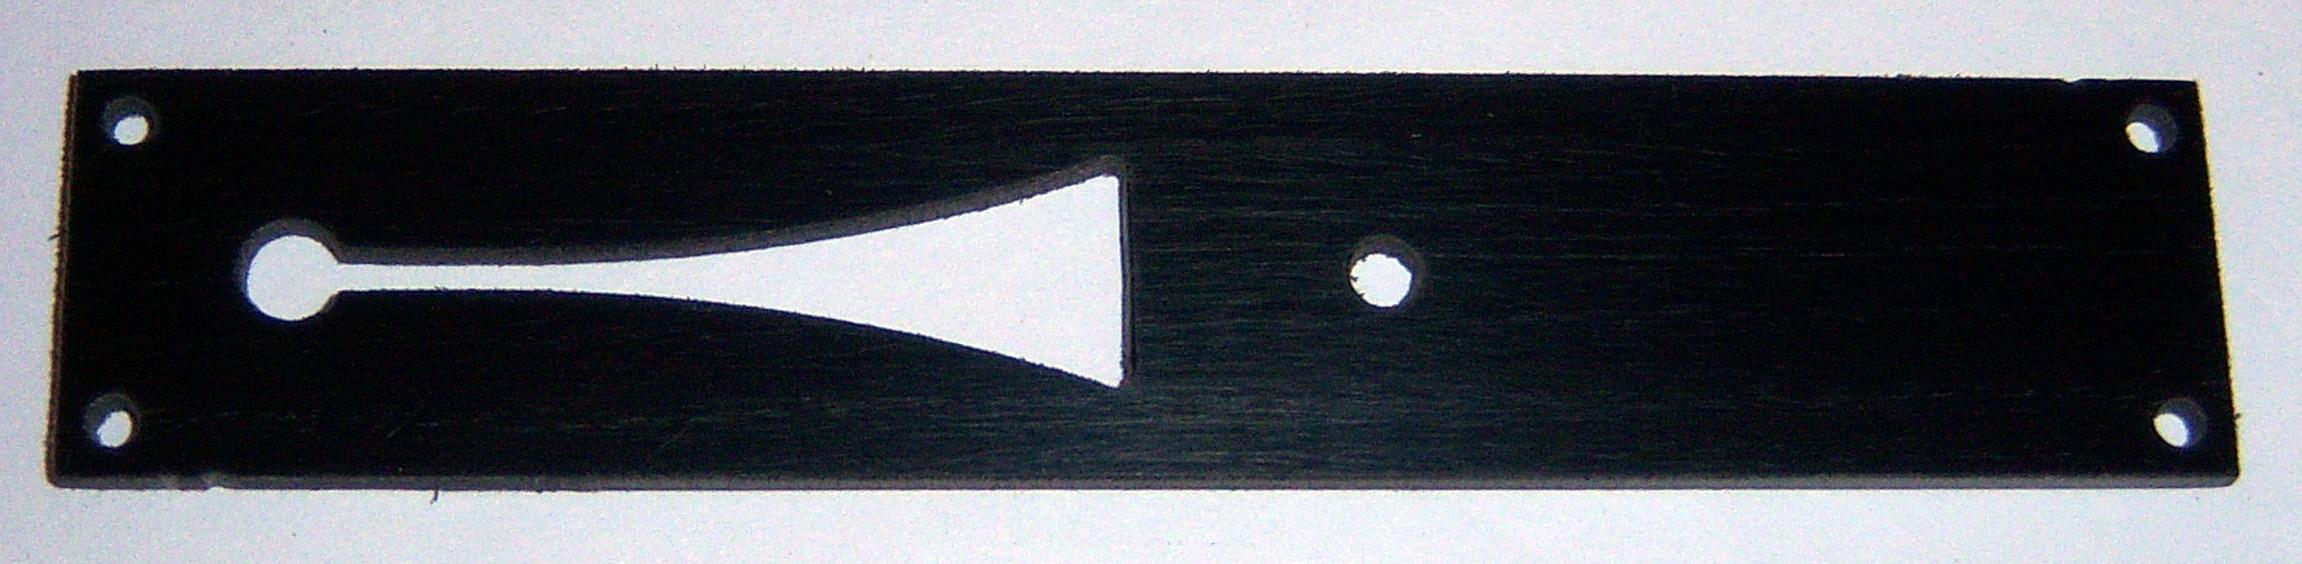 Ampico 'A' Tempo Slide Plate